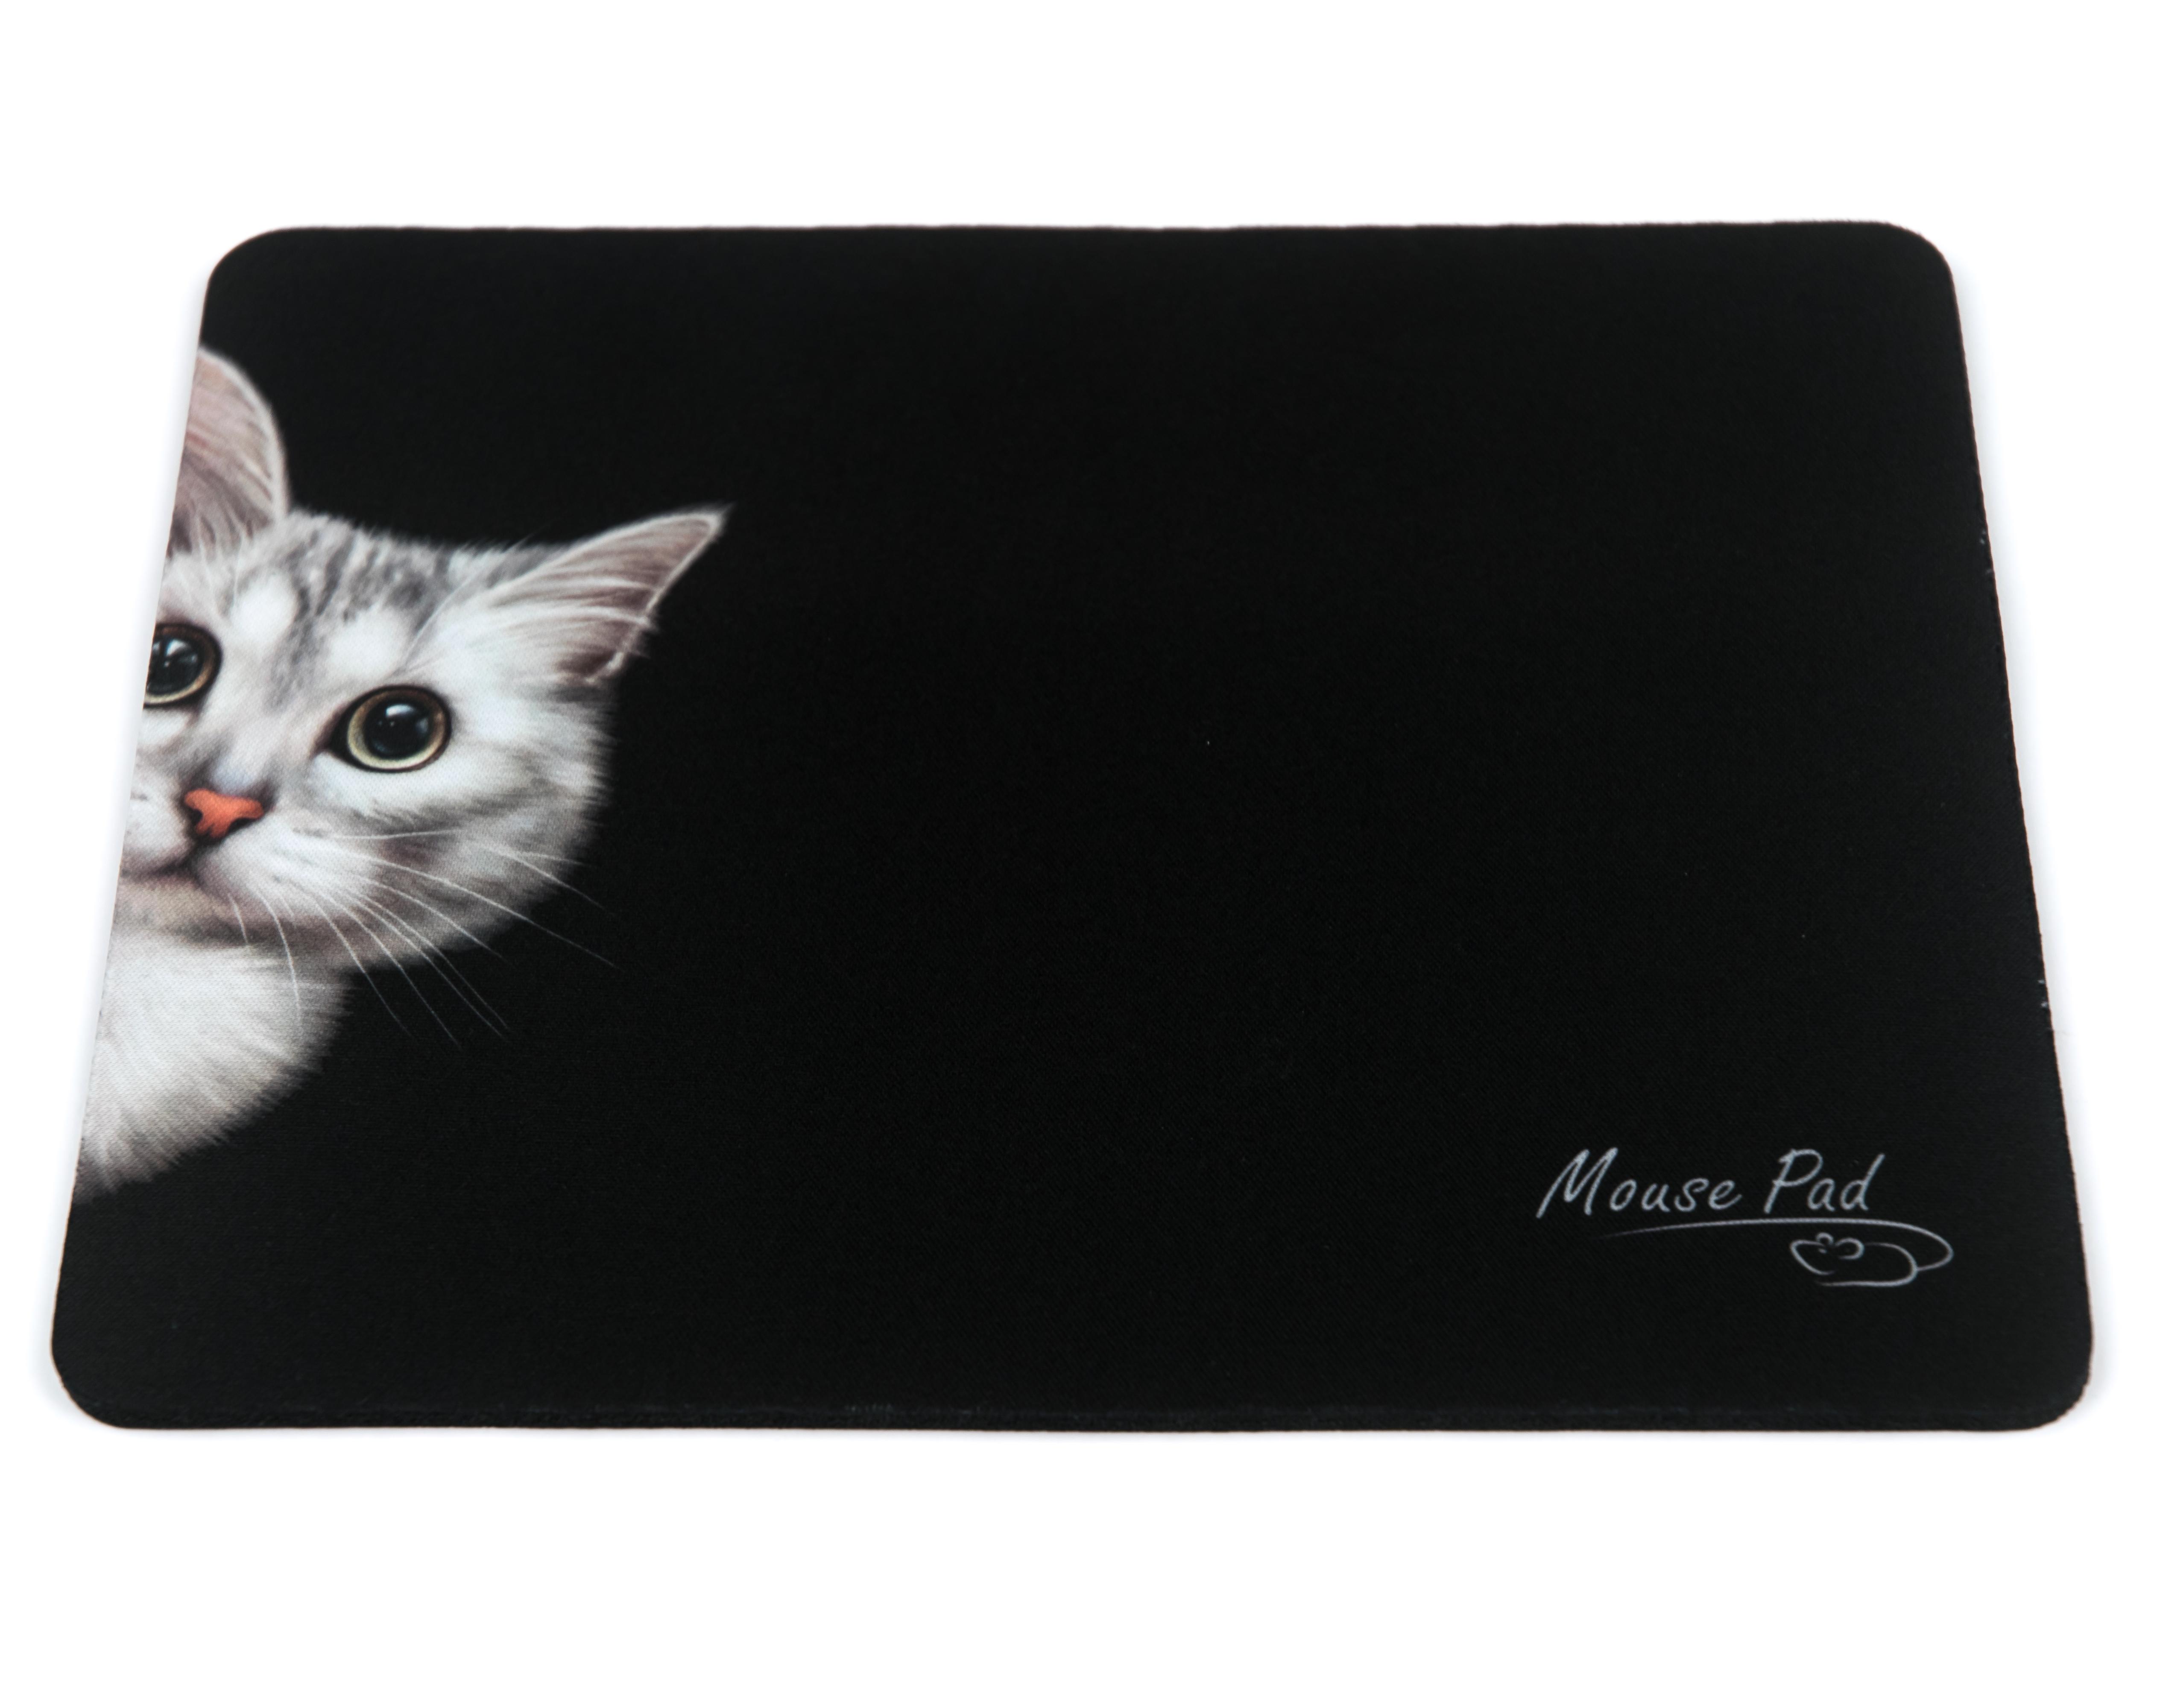 Коврик Dialog, PM-H15 cat, черный коврик для мыши dialog pm h50 черный